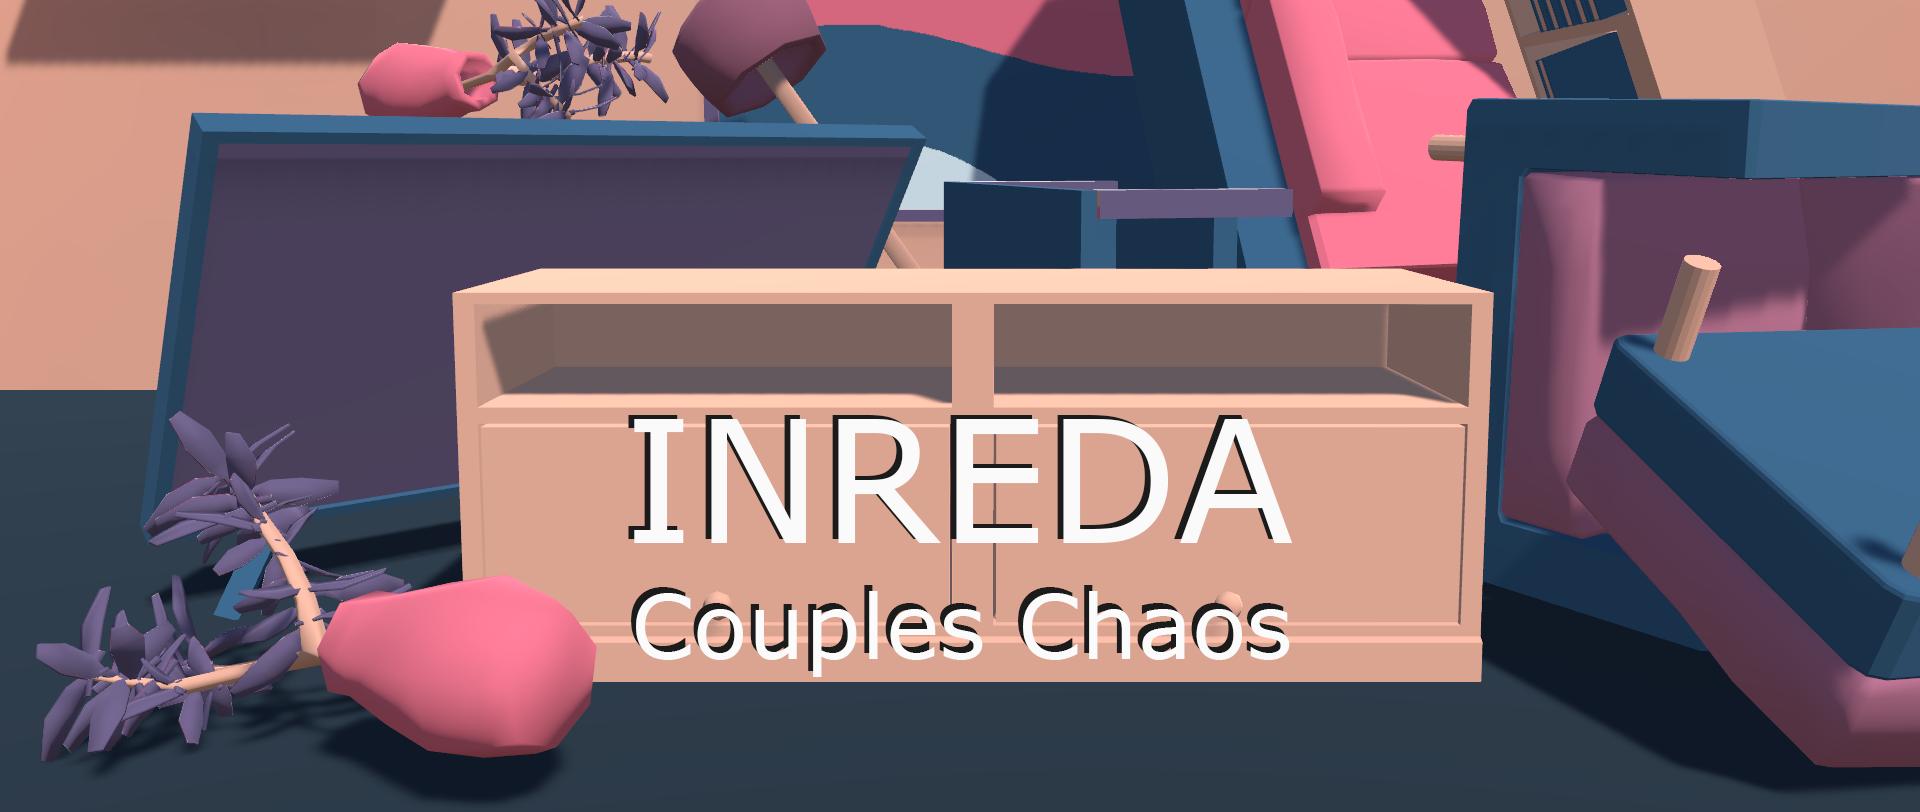 INREDA